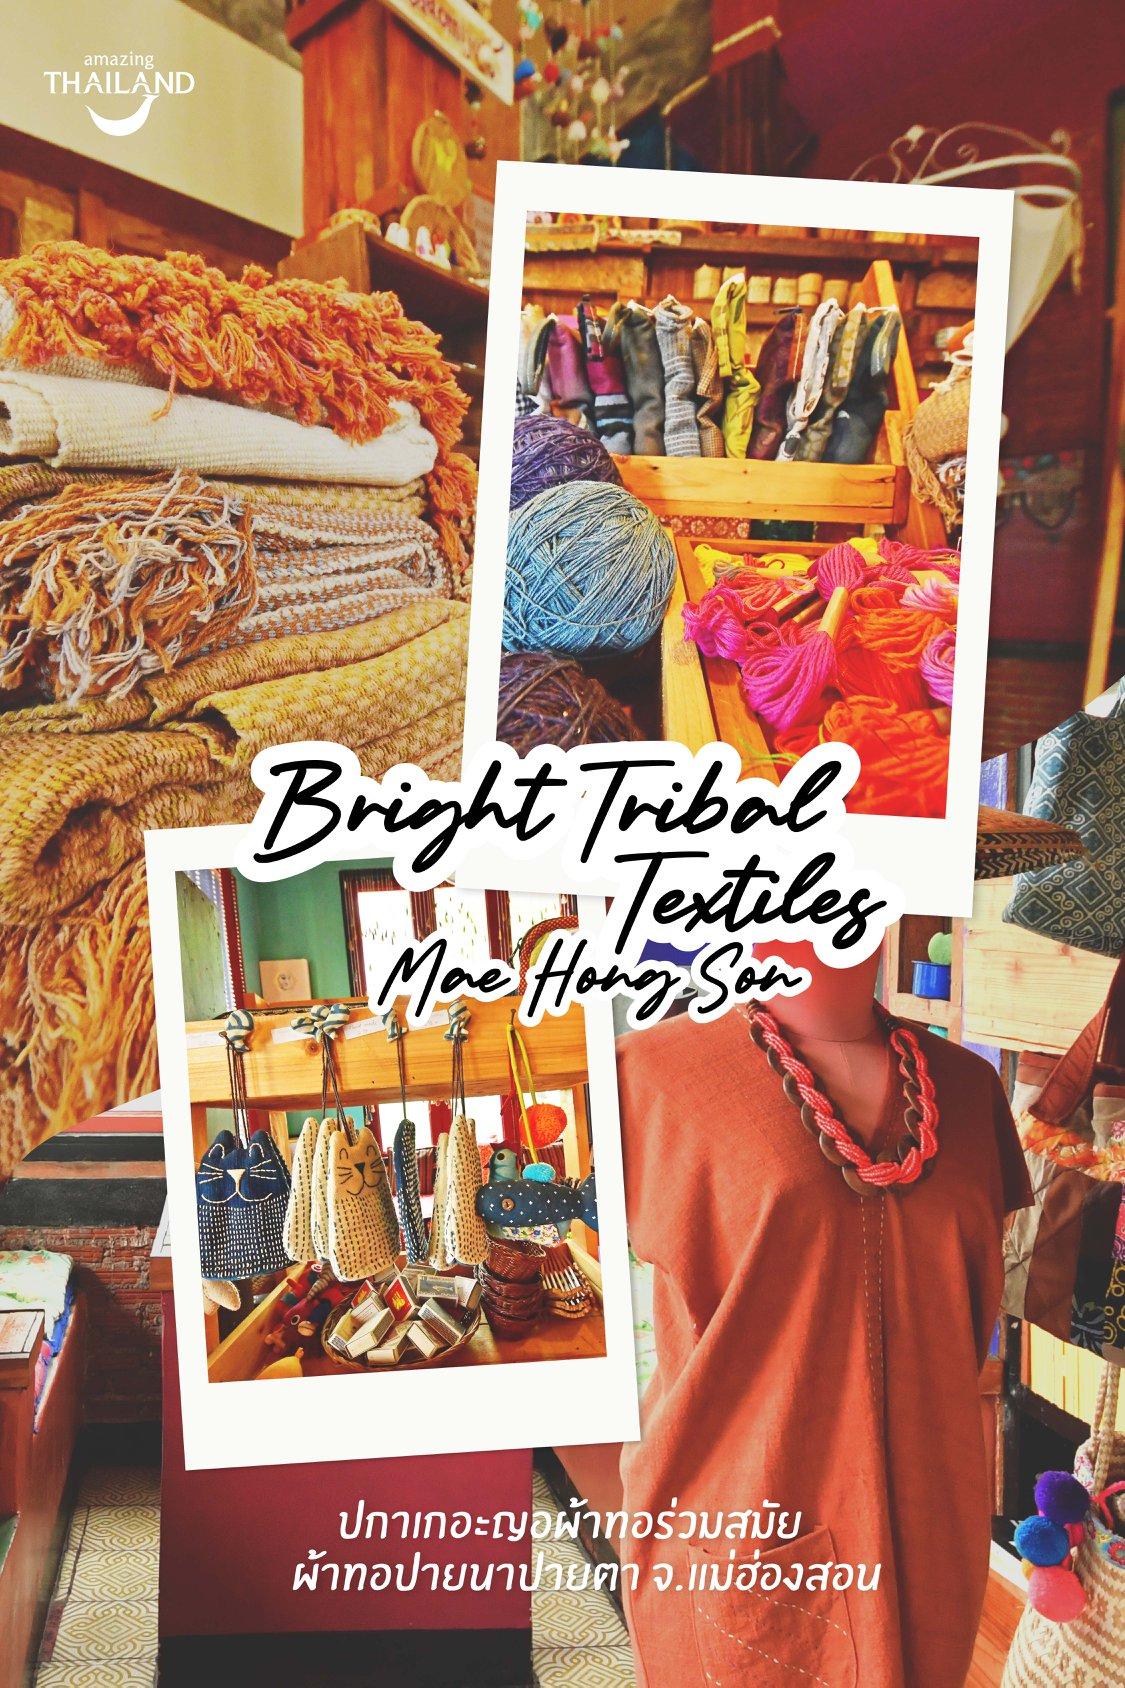 Bright Tribal Textiles Mae Hong Son